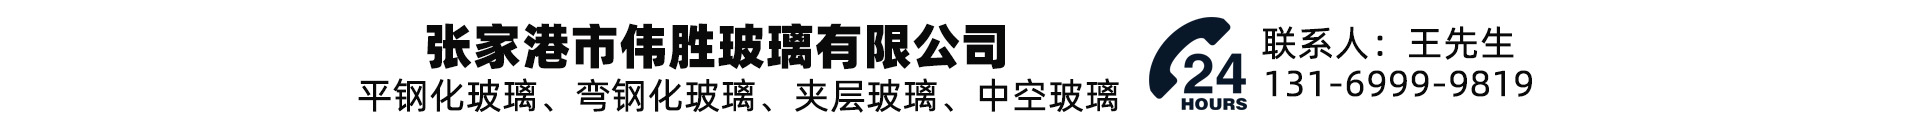 张家港市伟胜玻璃有限公司